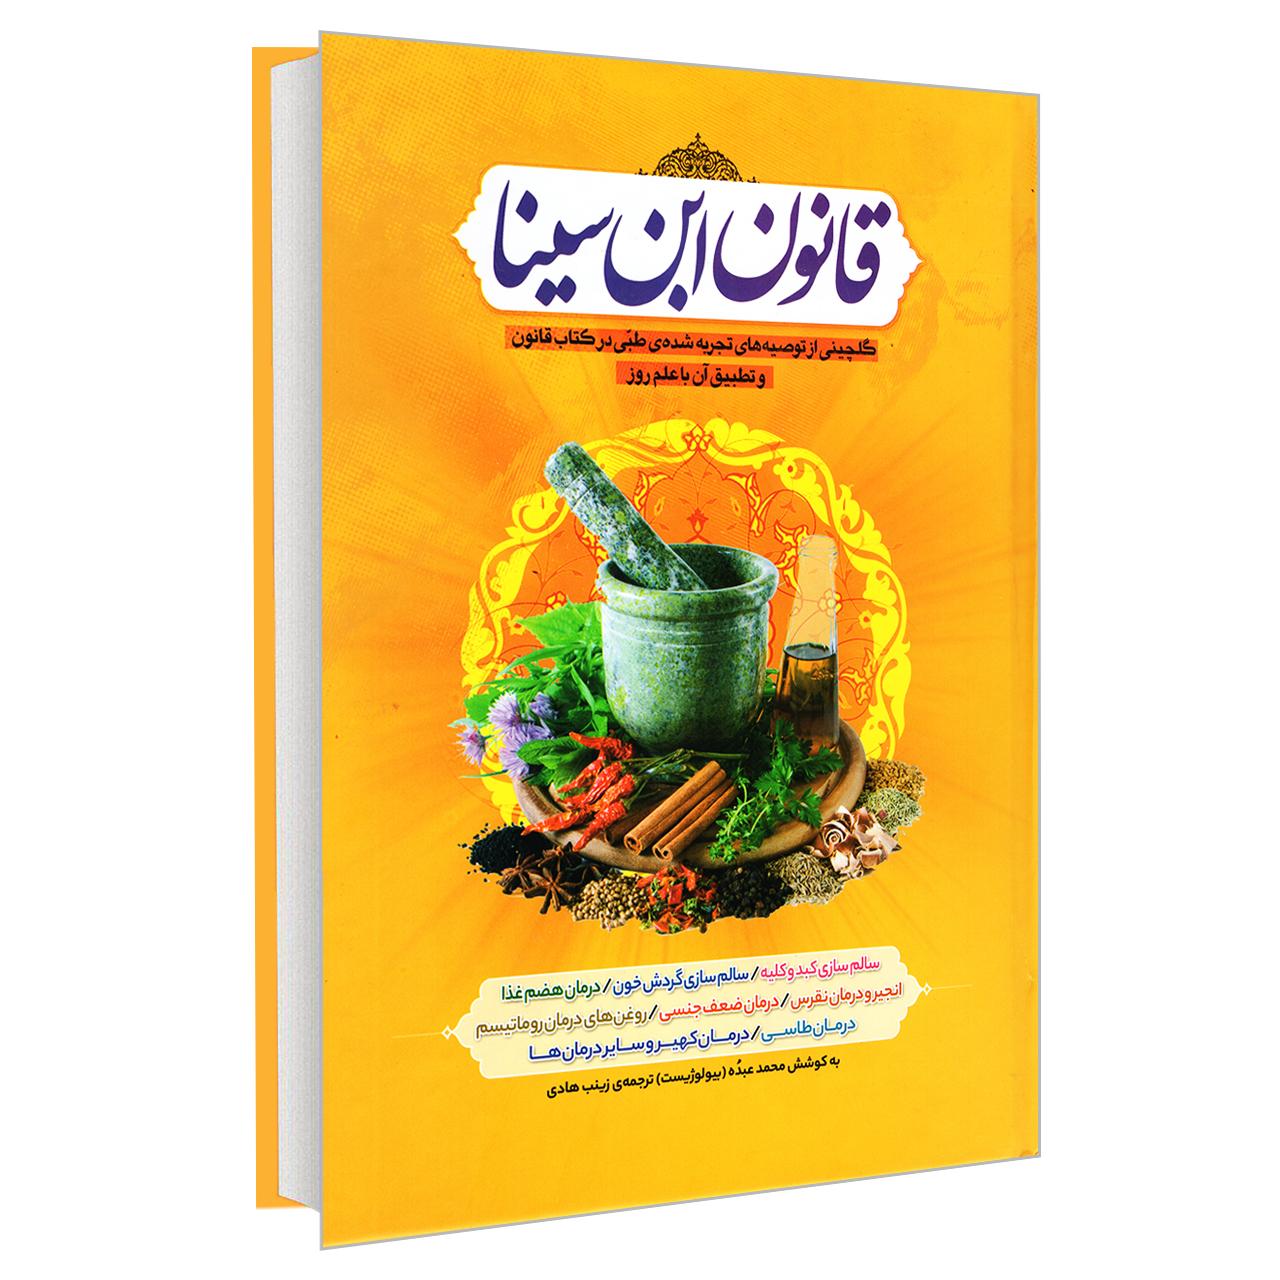 کتاب قانون ابن سینا اثر محمد عبده انتشارات آفرینه